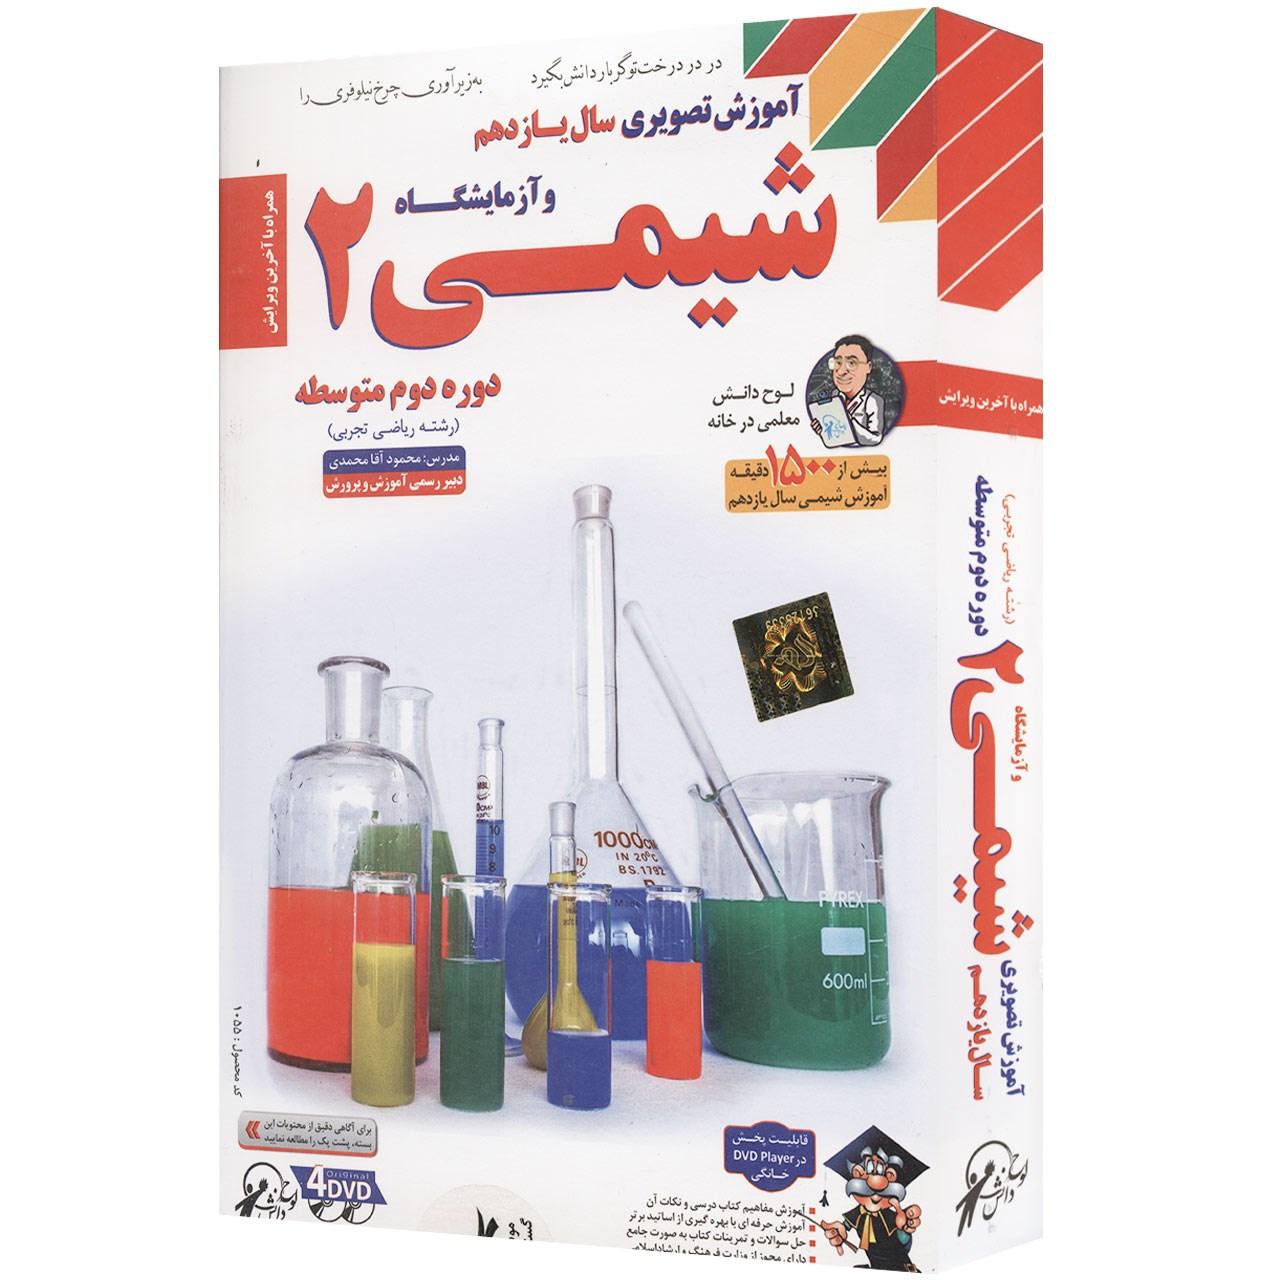 آموزش تصویری شیمی 2 نشر لوح دانش - رشته ریاضی و علوم تجربی